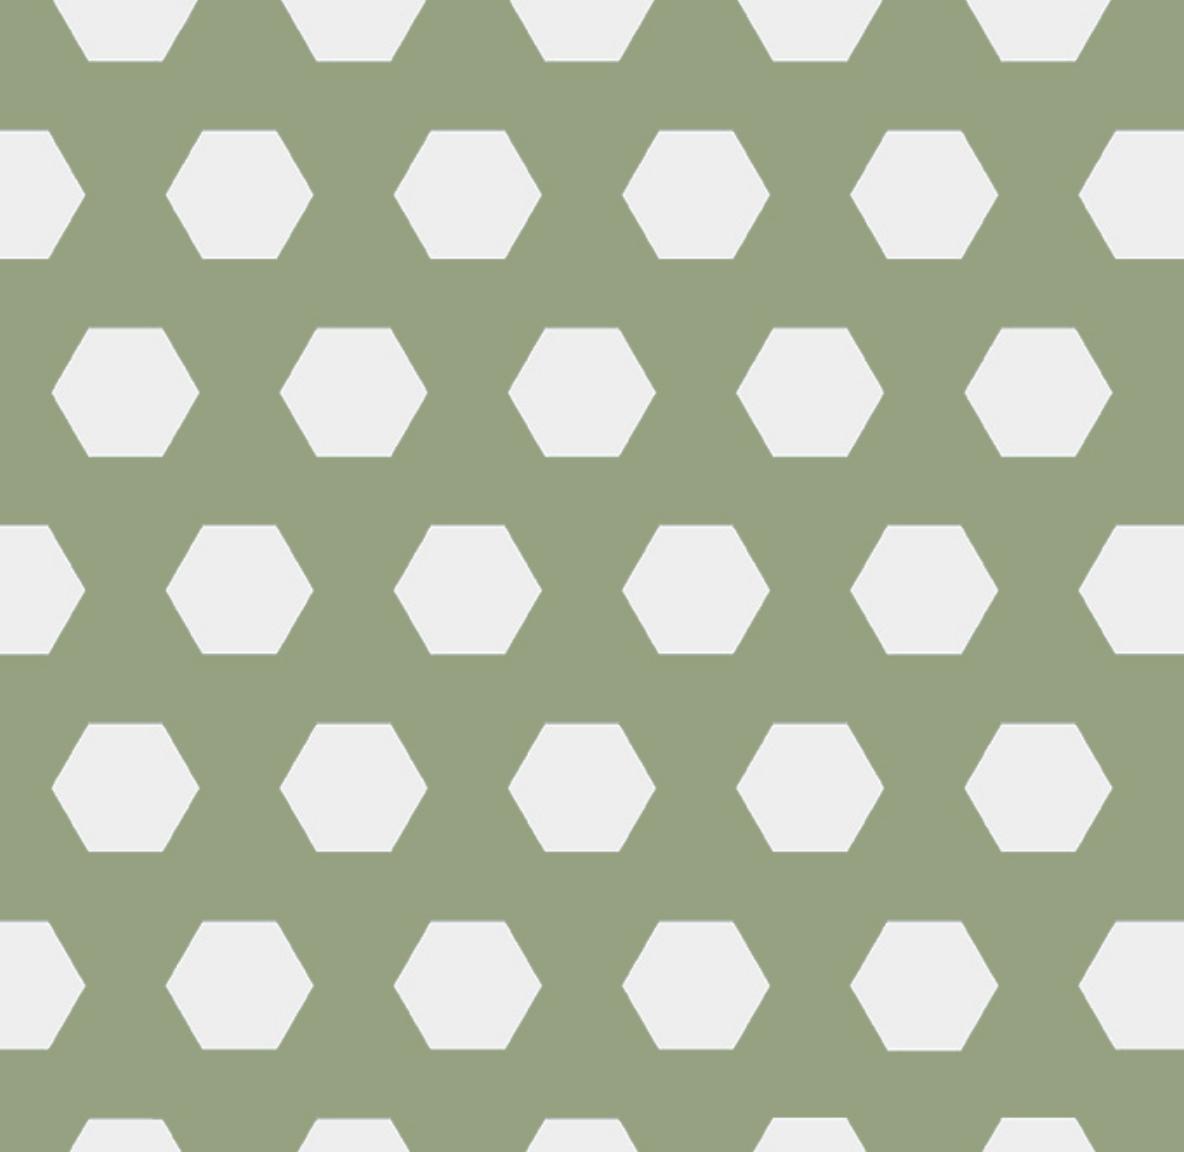 ditail-mosaico-materiales-interiores-winckelmans4